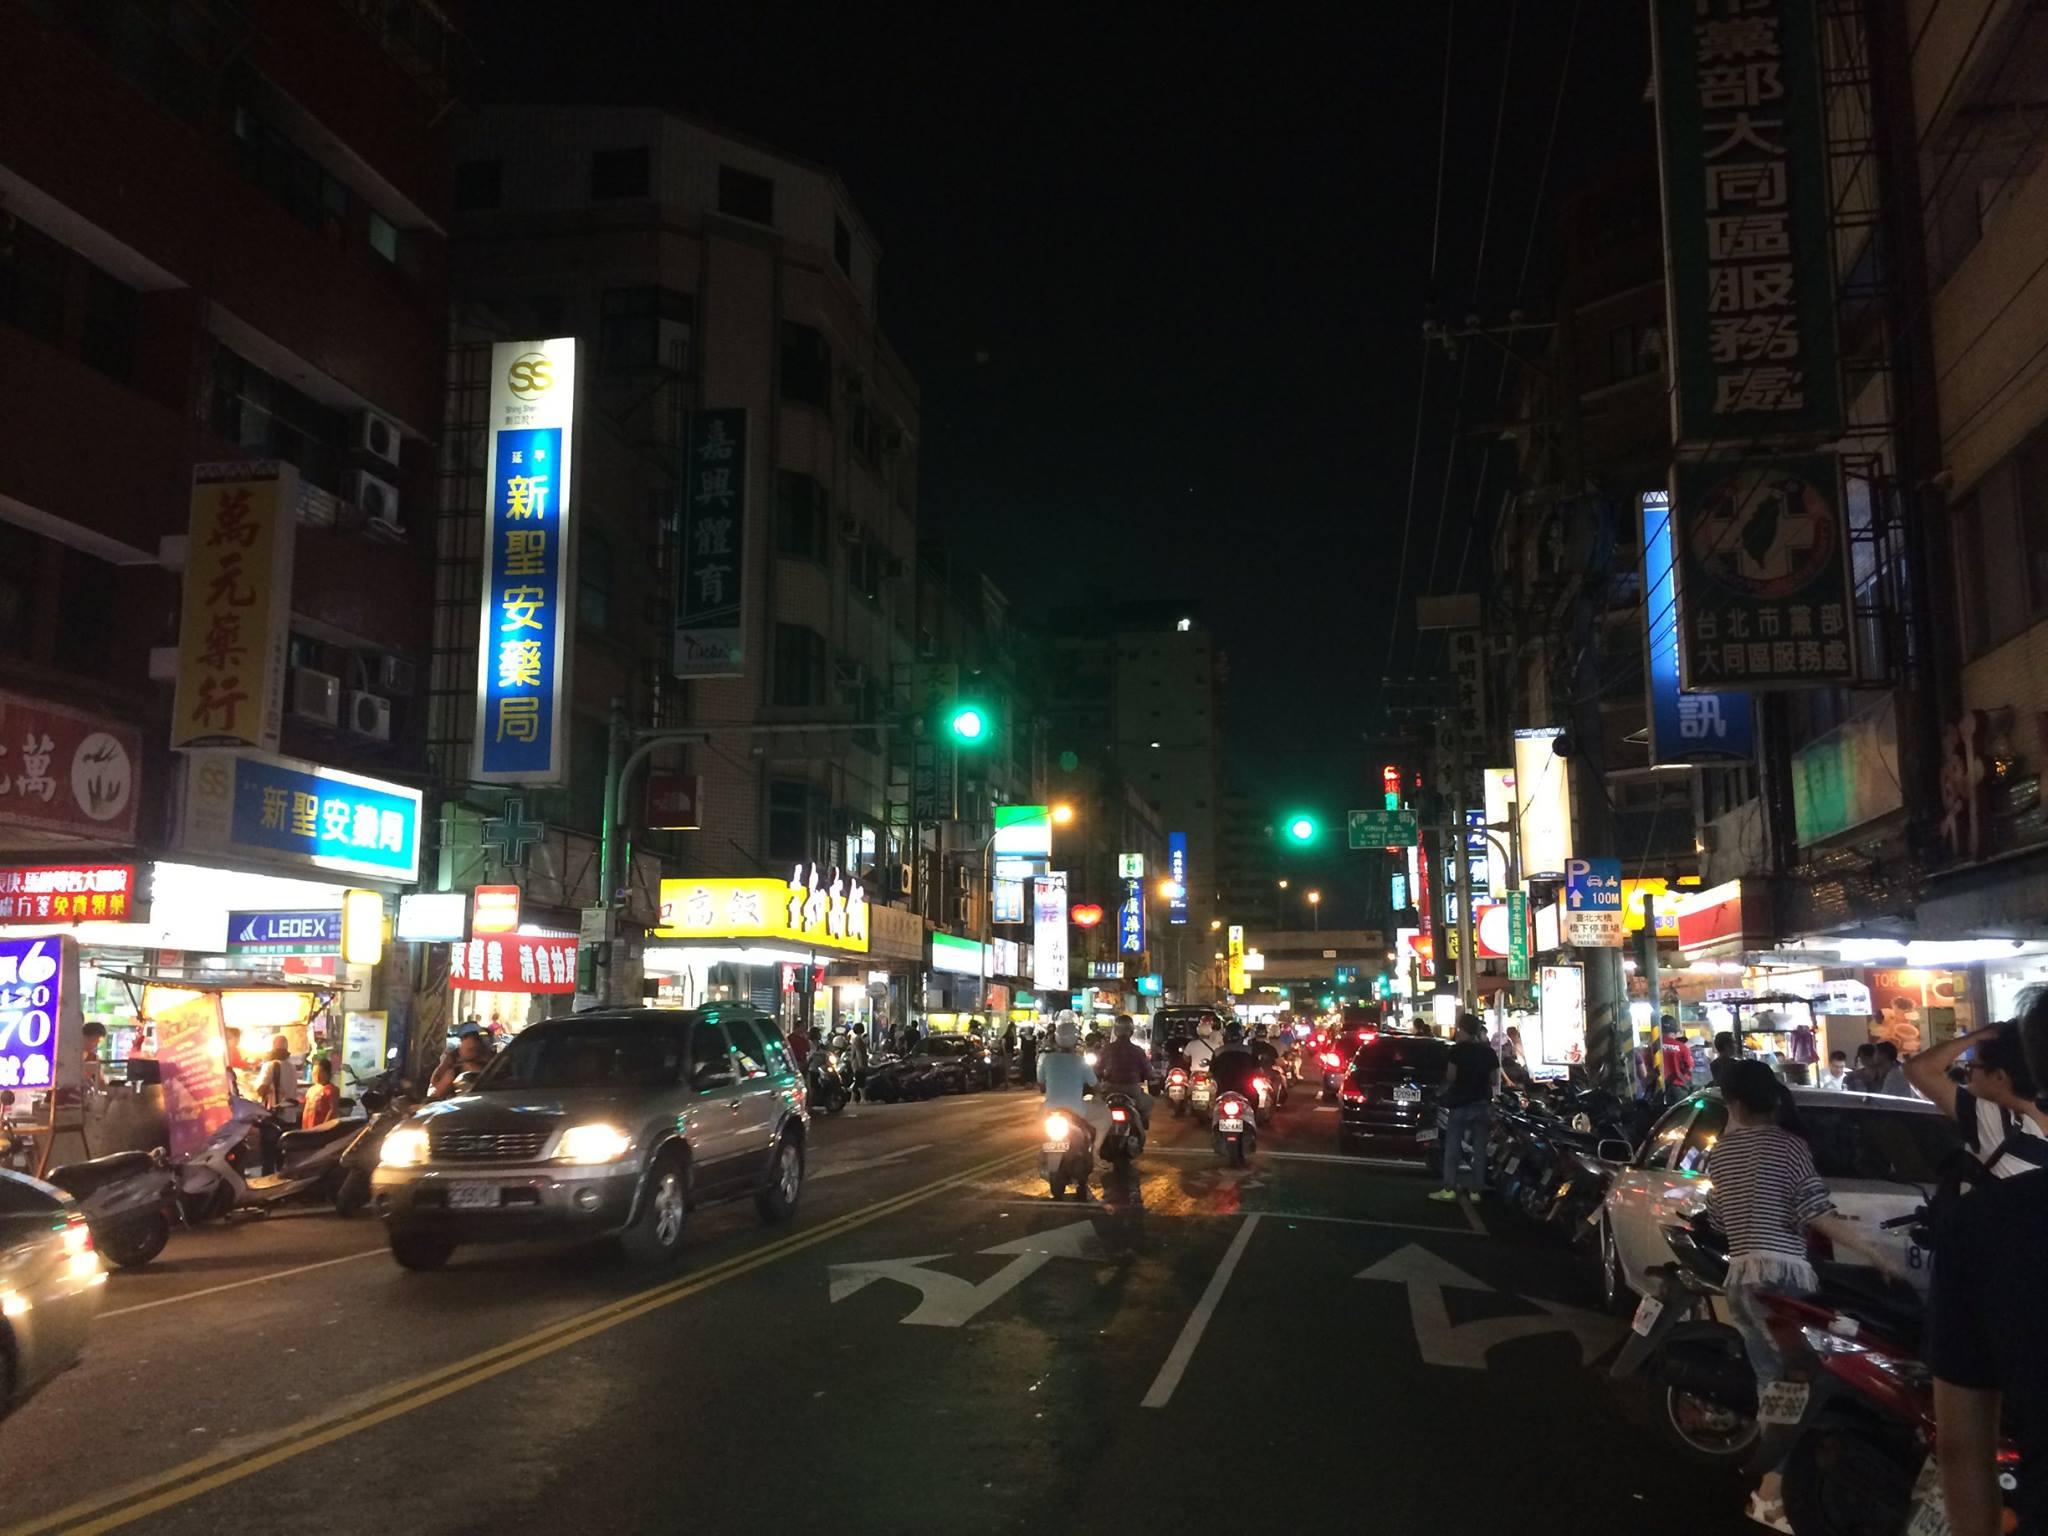 一 條 馬 路 , 配 上 一 長 龍 的 美 食 , 不 像 是 夜 市 的 夜 市 。